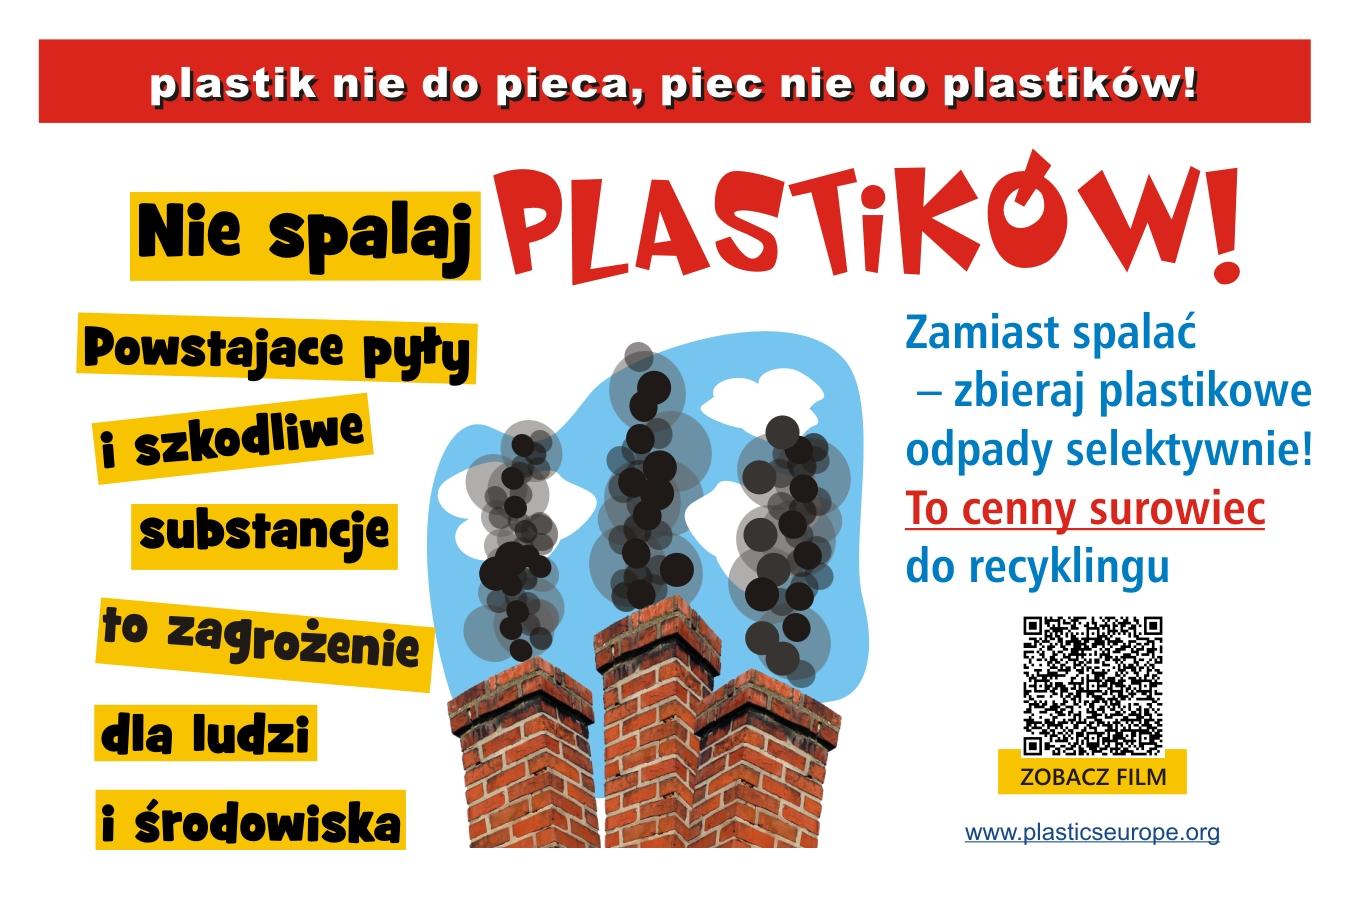 grafika plastik nie do pieca